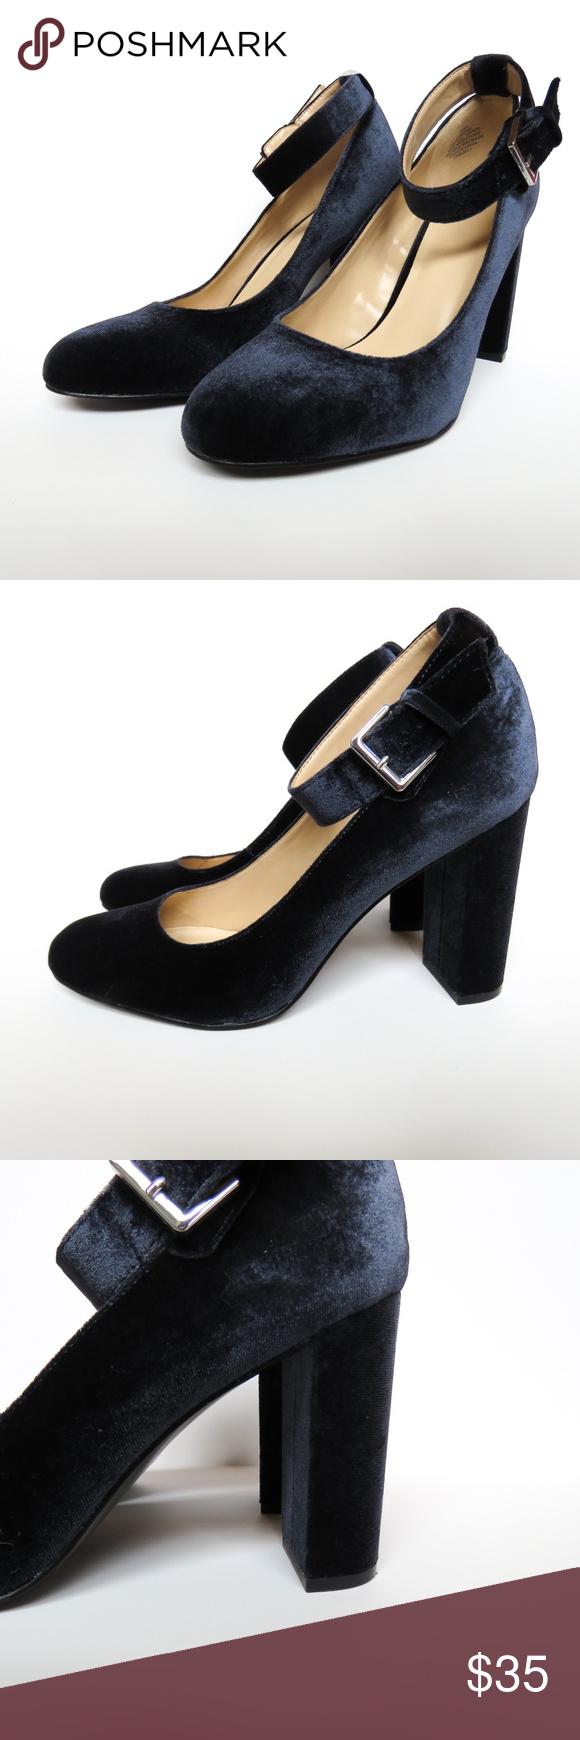 a4f25007f3b8 Nine West Louizao Ankle Strap Velvet Heels Nine West Louizao Heels Ankle  Strap - Round Toe Navy Blue Velvet Size 9.5 M Heel Height  4